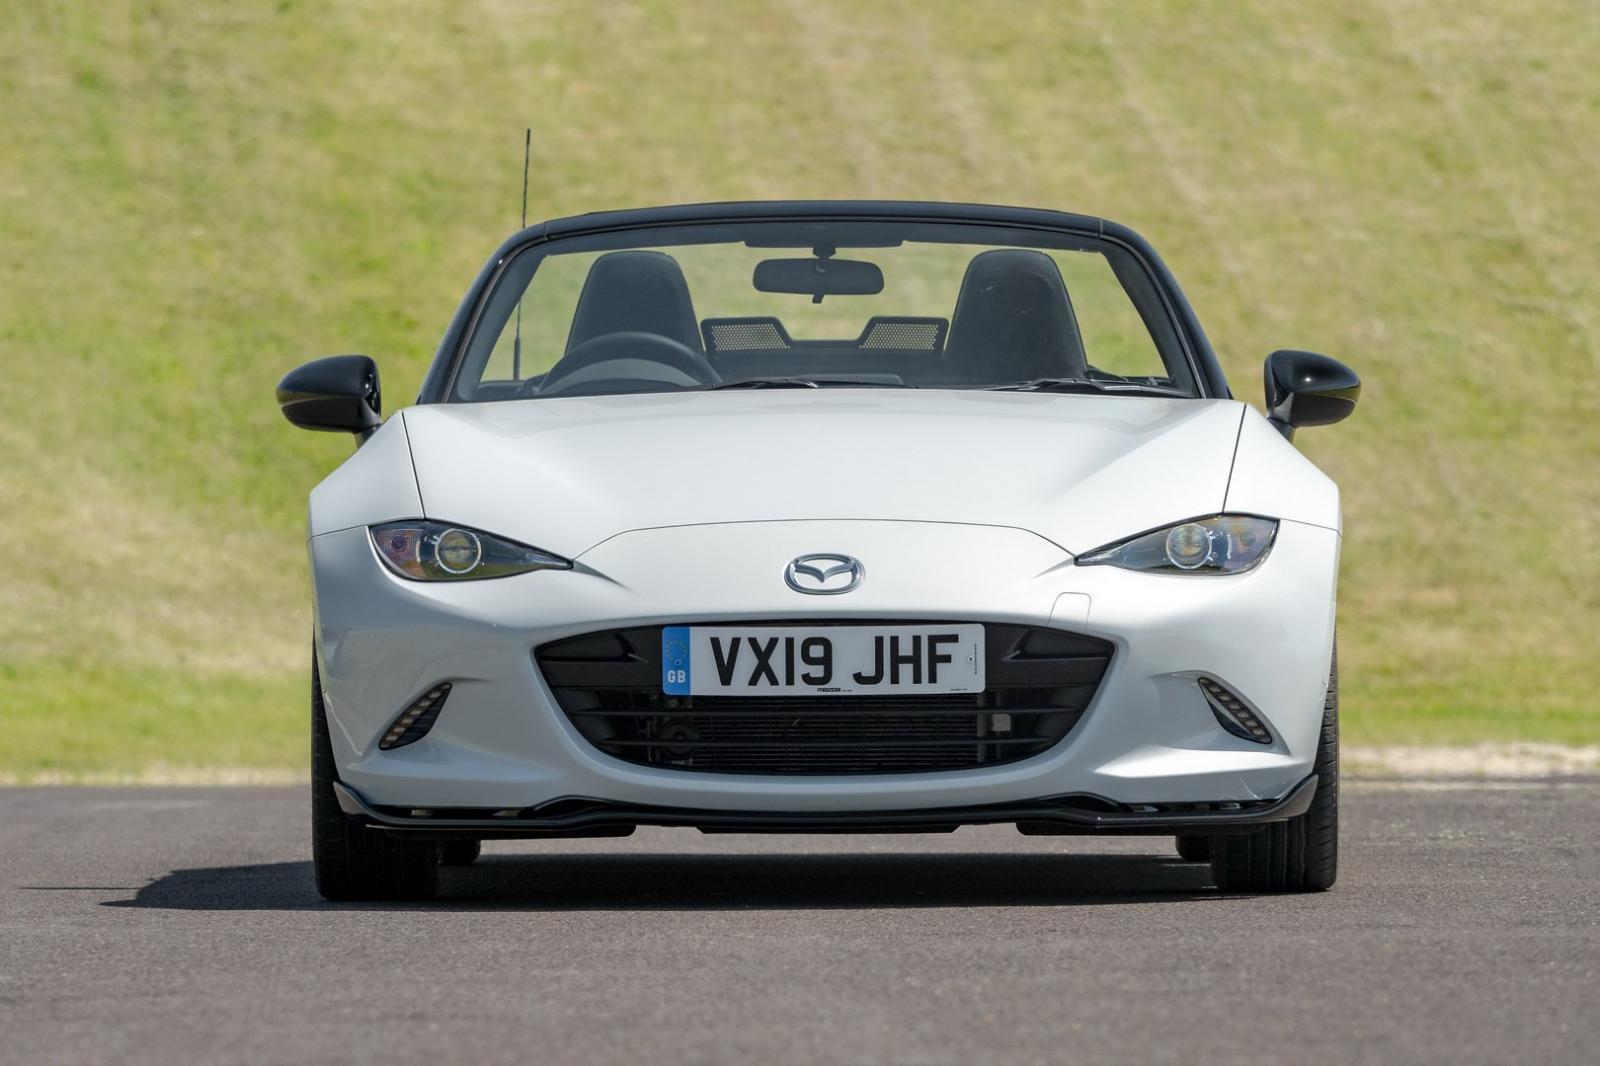 El Mazda MX-5 presume nuevos paquetes de accesorios en Reino Unido